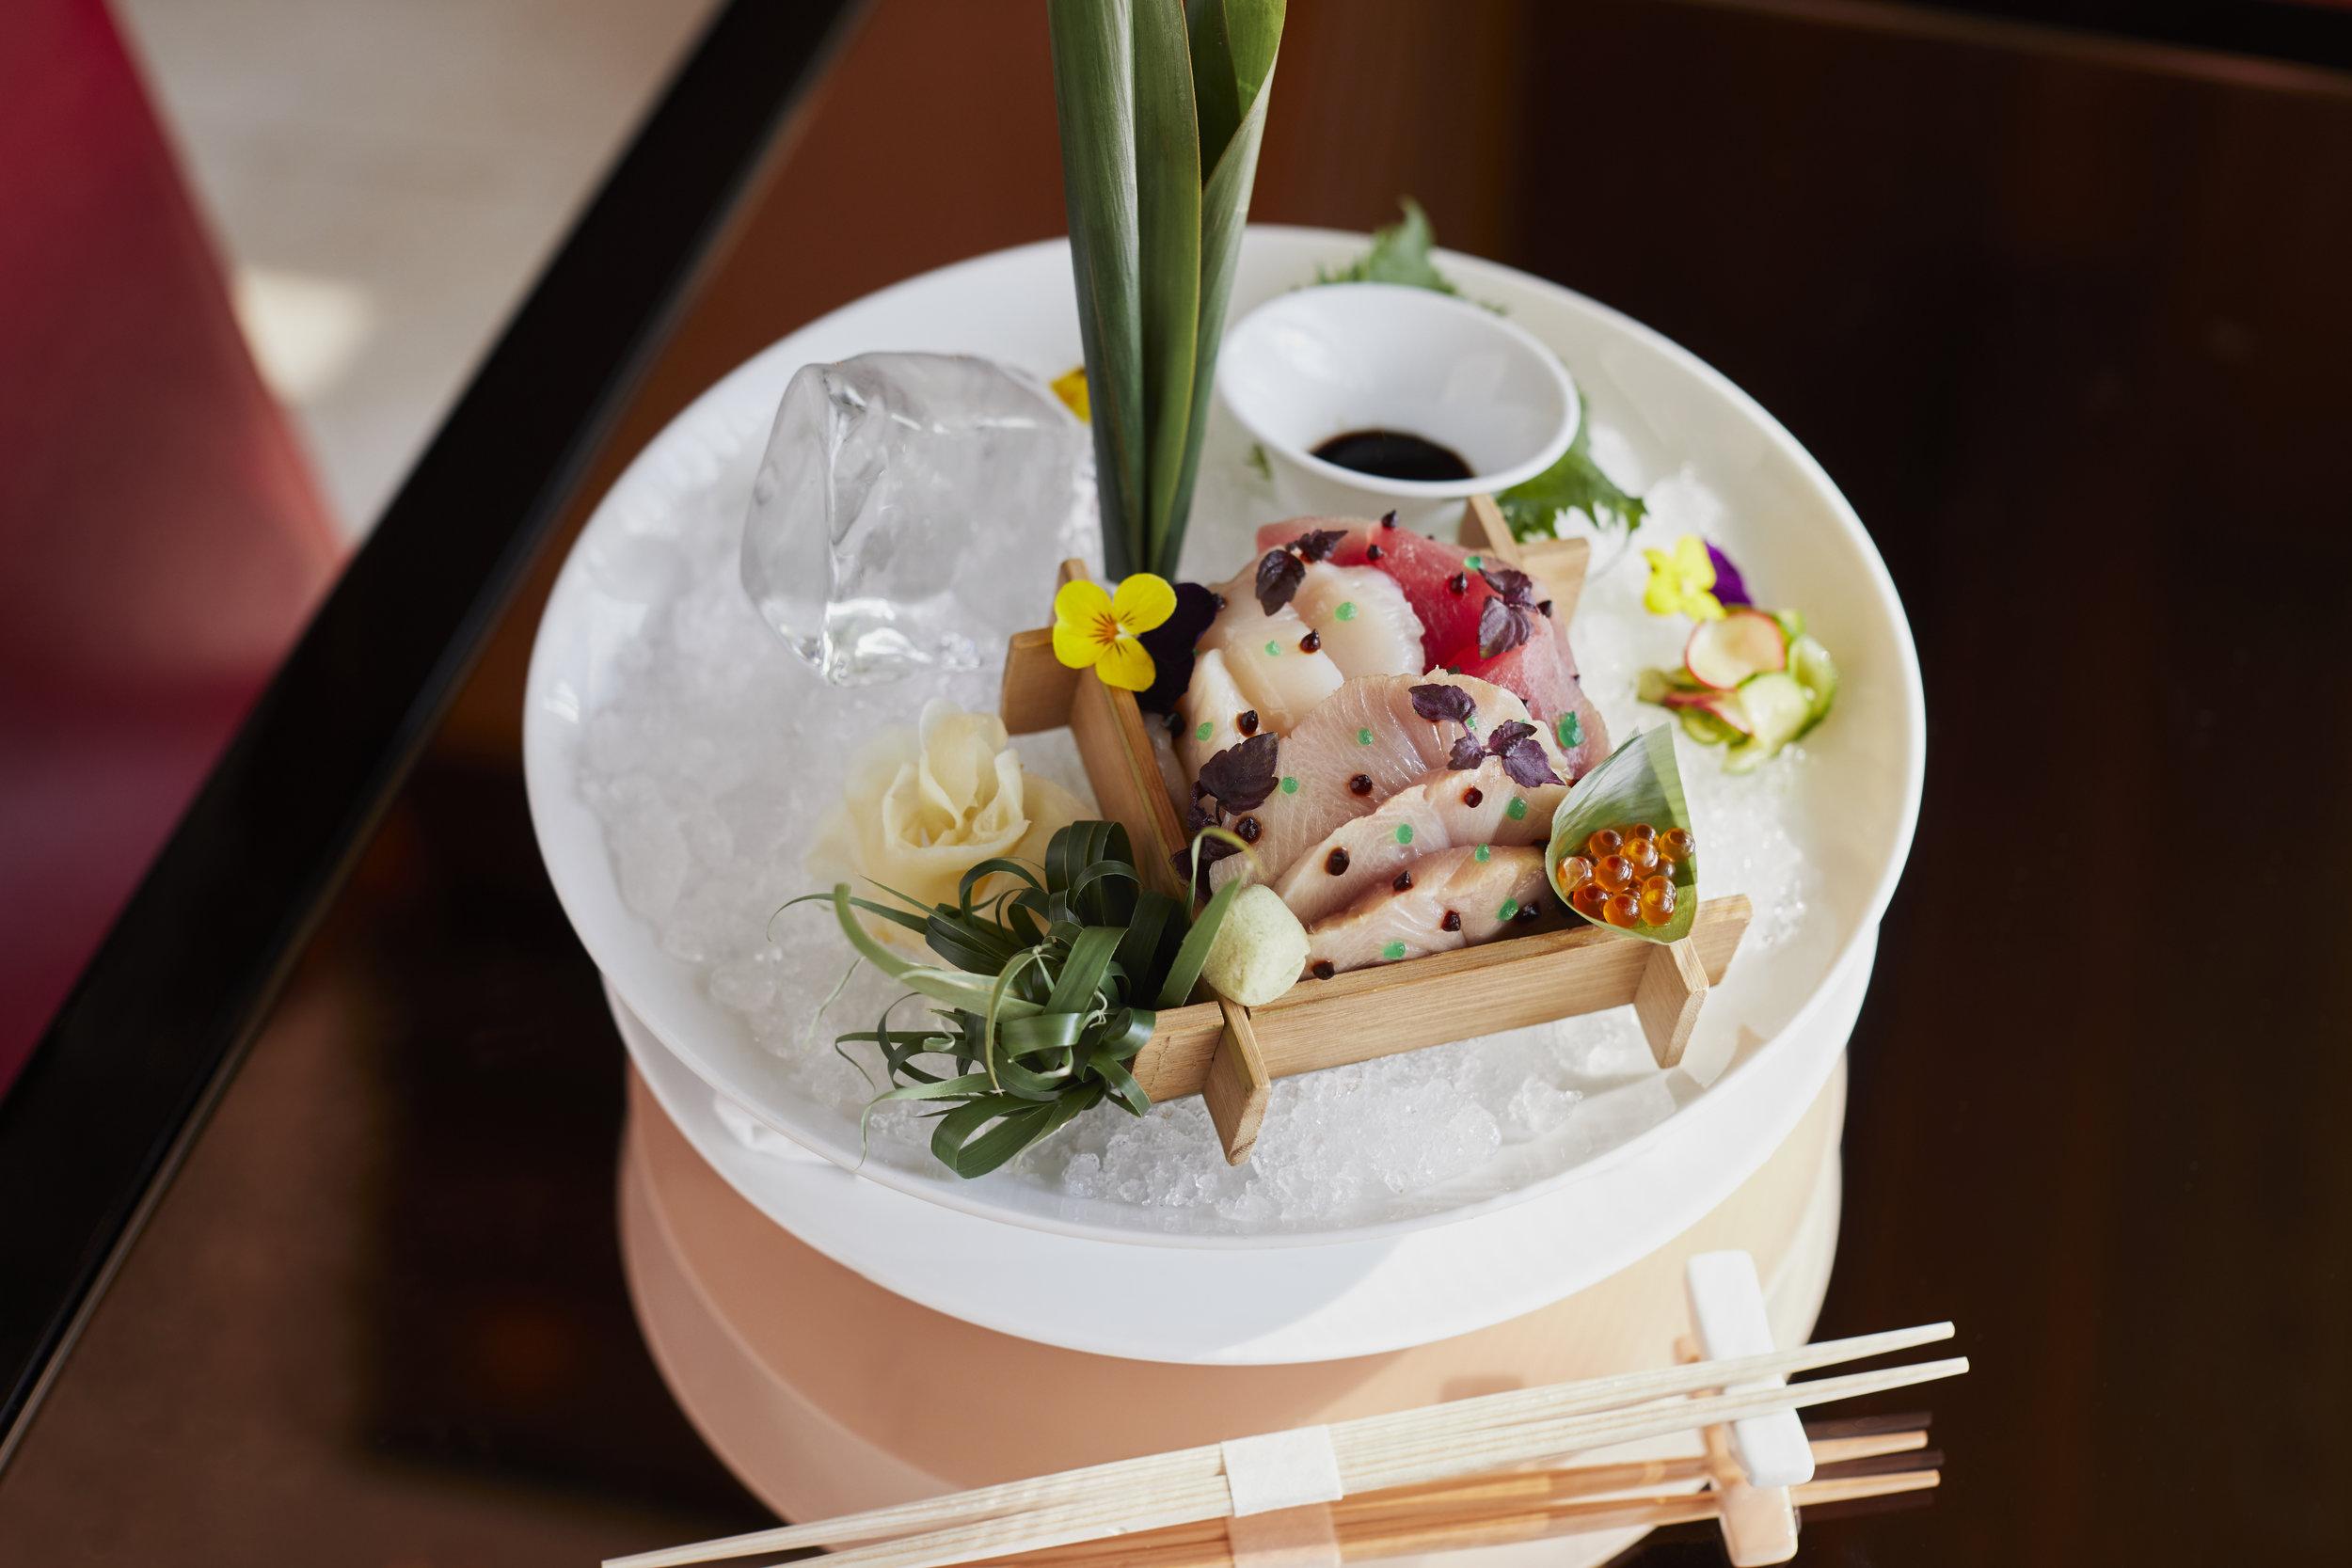 20190329-sushi-box-218-hrj.jpg